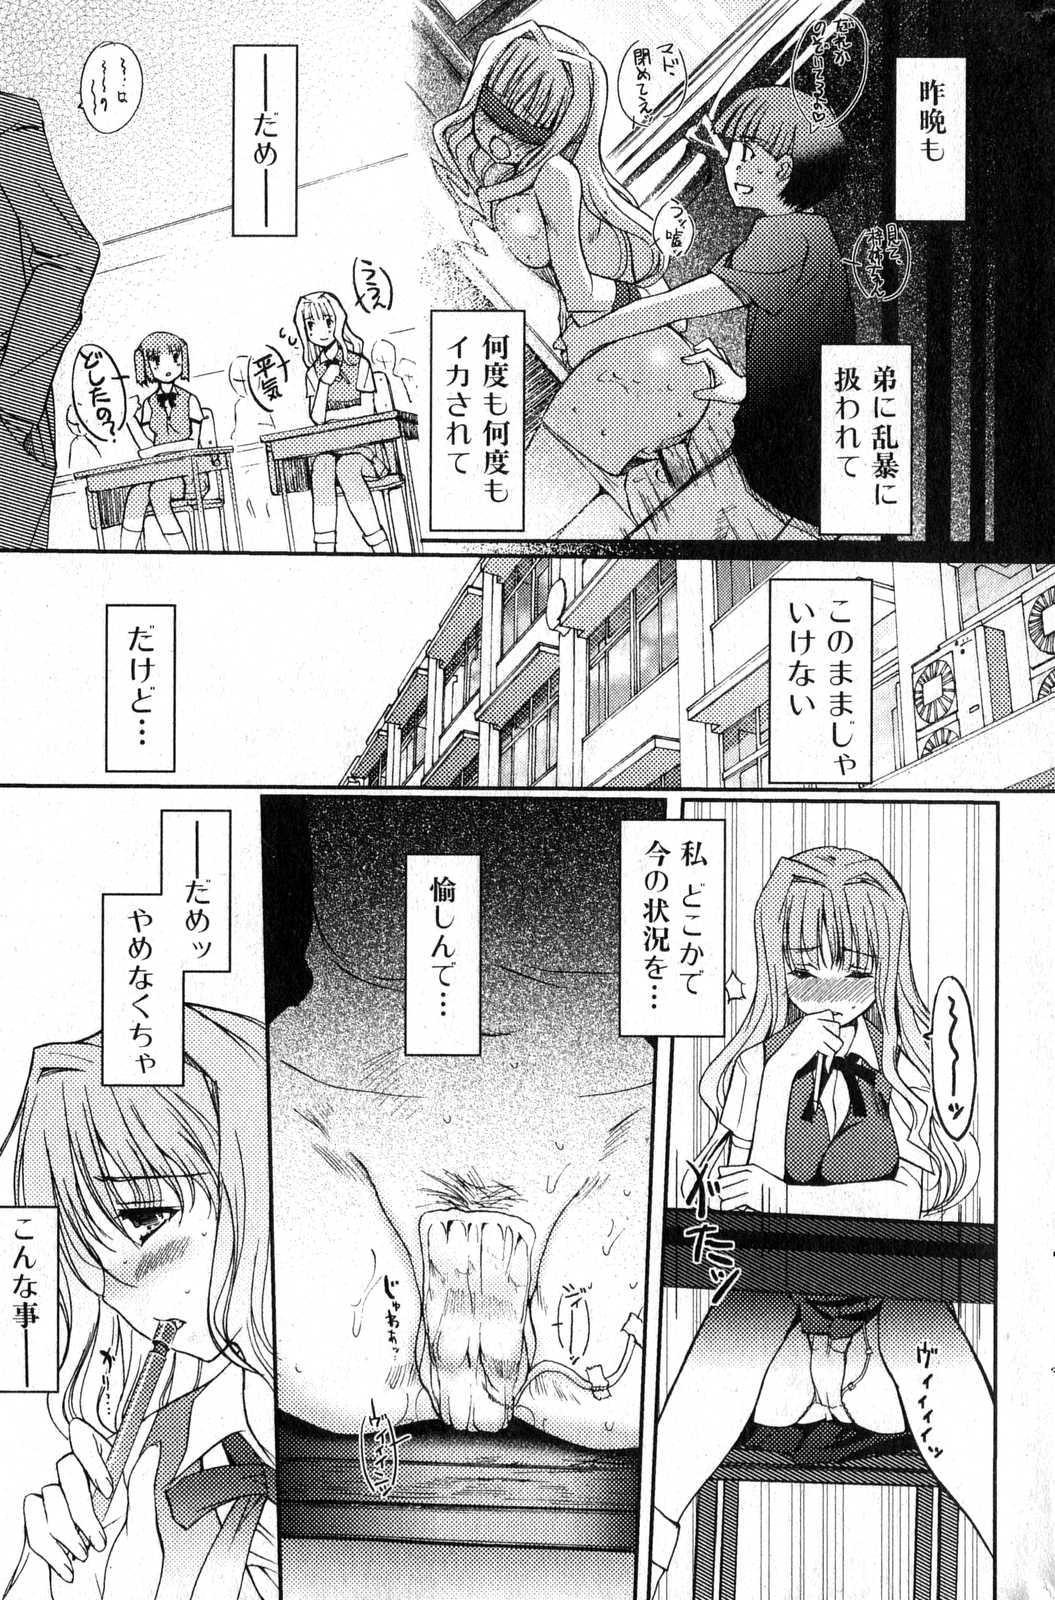 Bishoujo Teki Kaikatsu Ryoku 2007 Vol.15 40